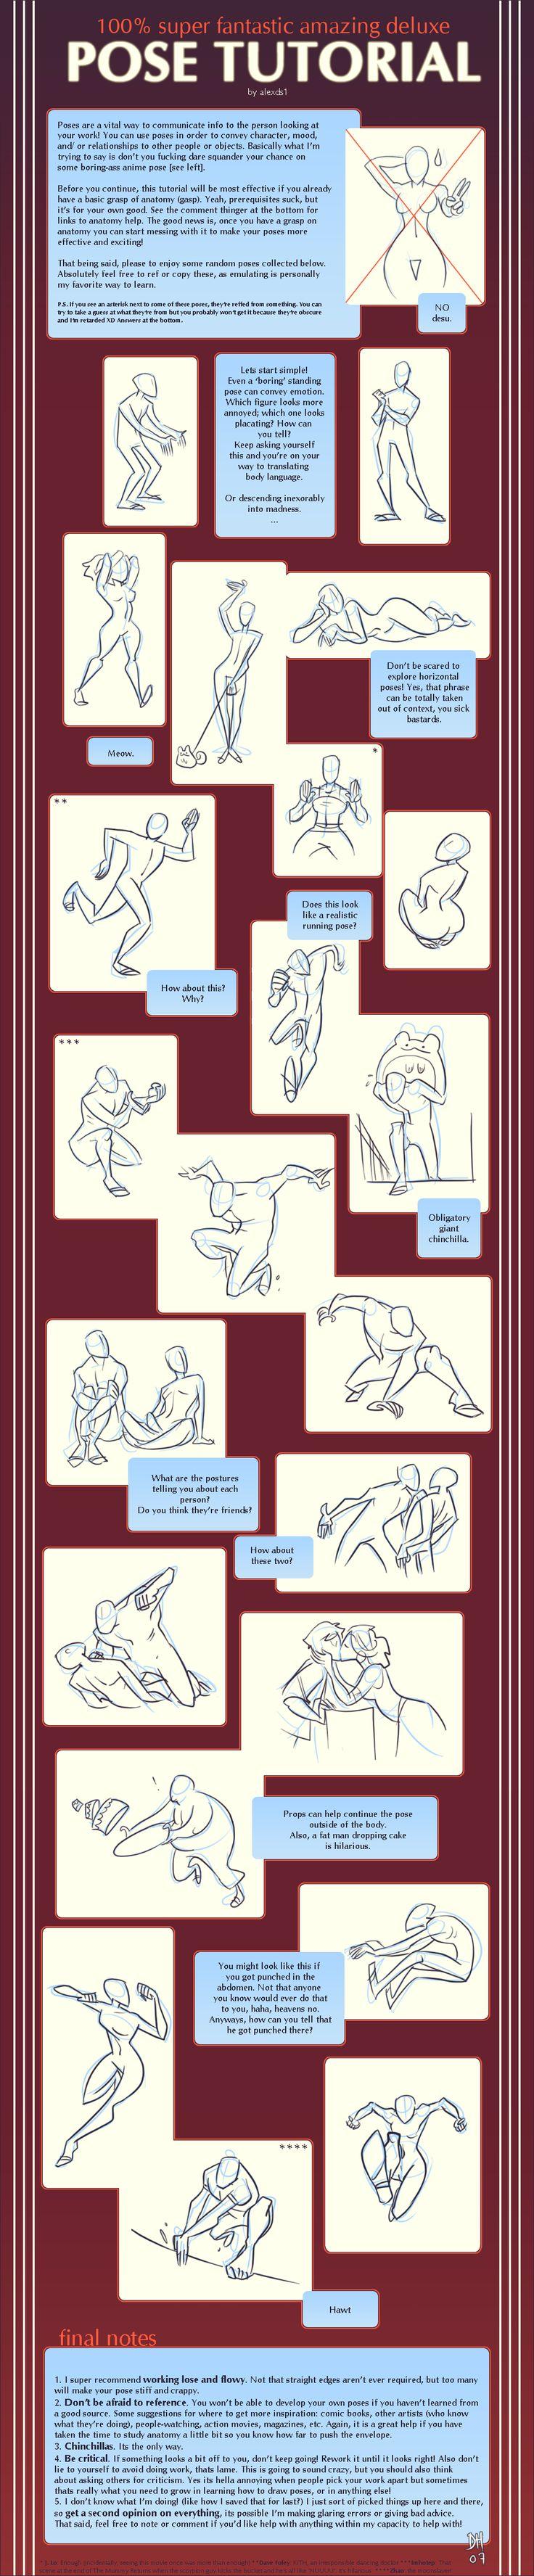 best illustration inspiration images on pinterest